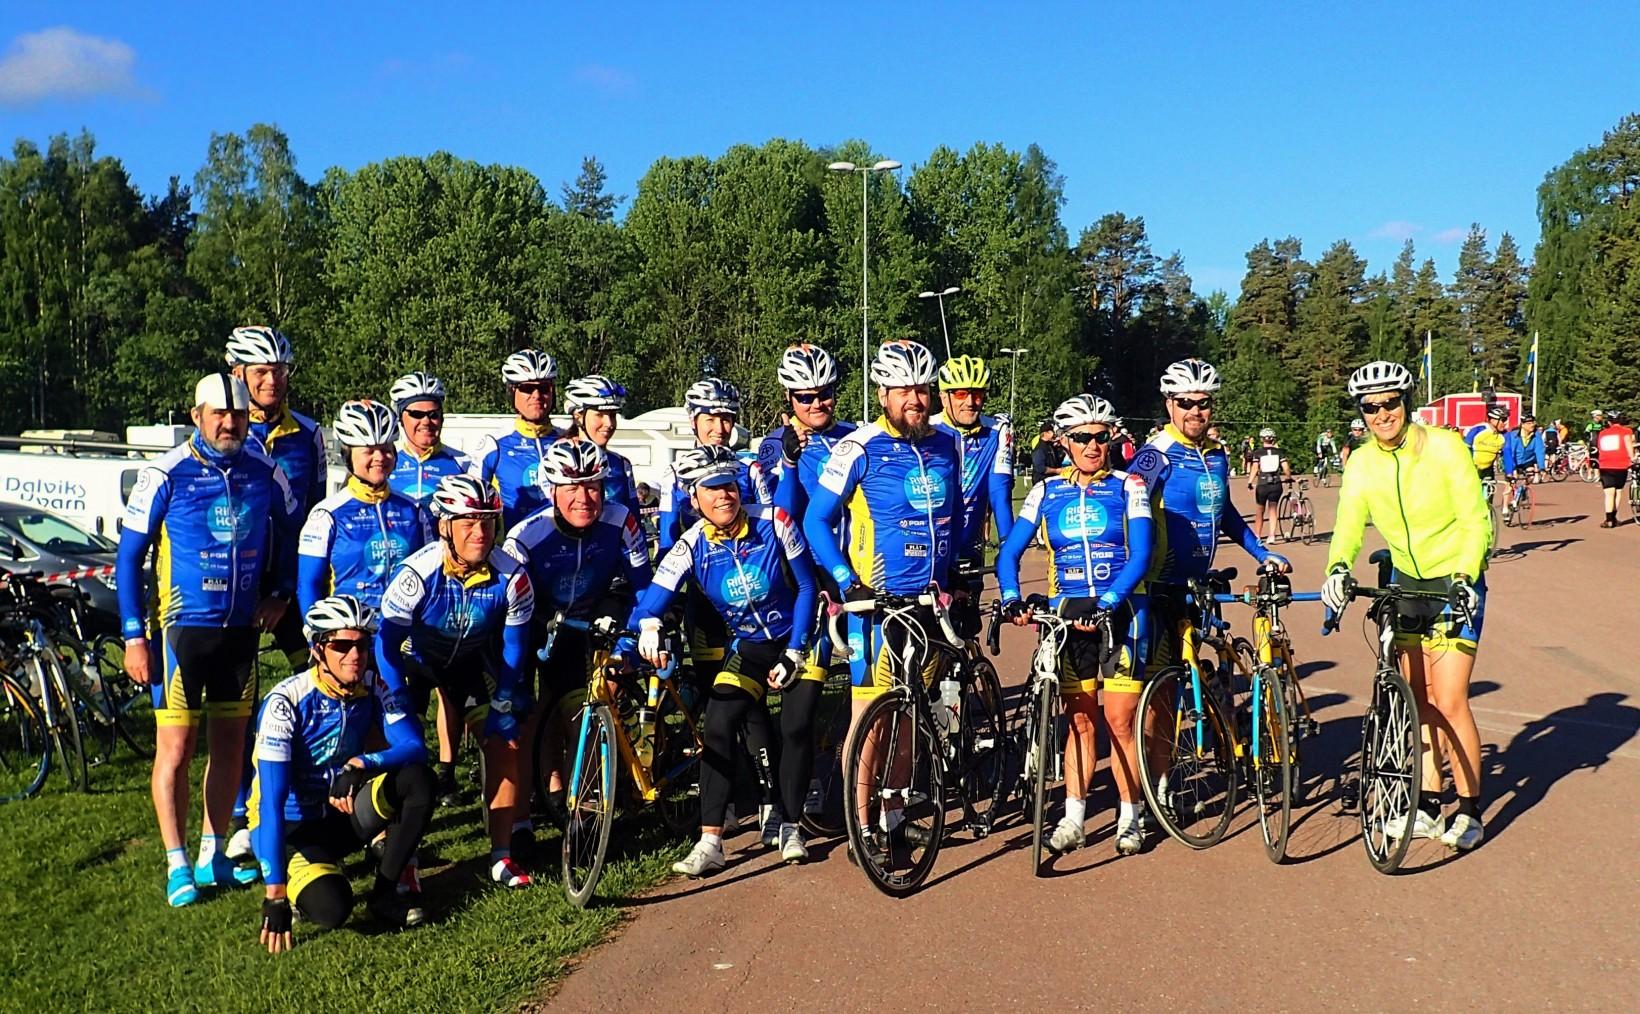 Ride of Hope team Uppsala redo för start. Jag passar inte riktigt in i teamet på grund av att det var så kallt på morgonen att extrajackan fick åka fram. Endast 8 + grader visade termometern klockan 7 när det var dags för start. Som tur var blev det betydligt varmare så småningom!